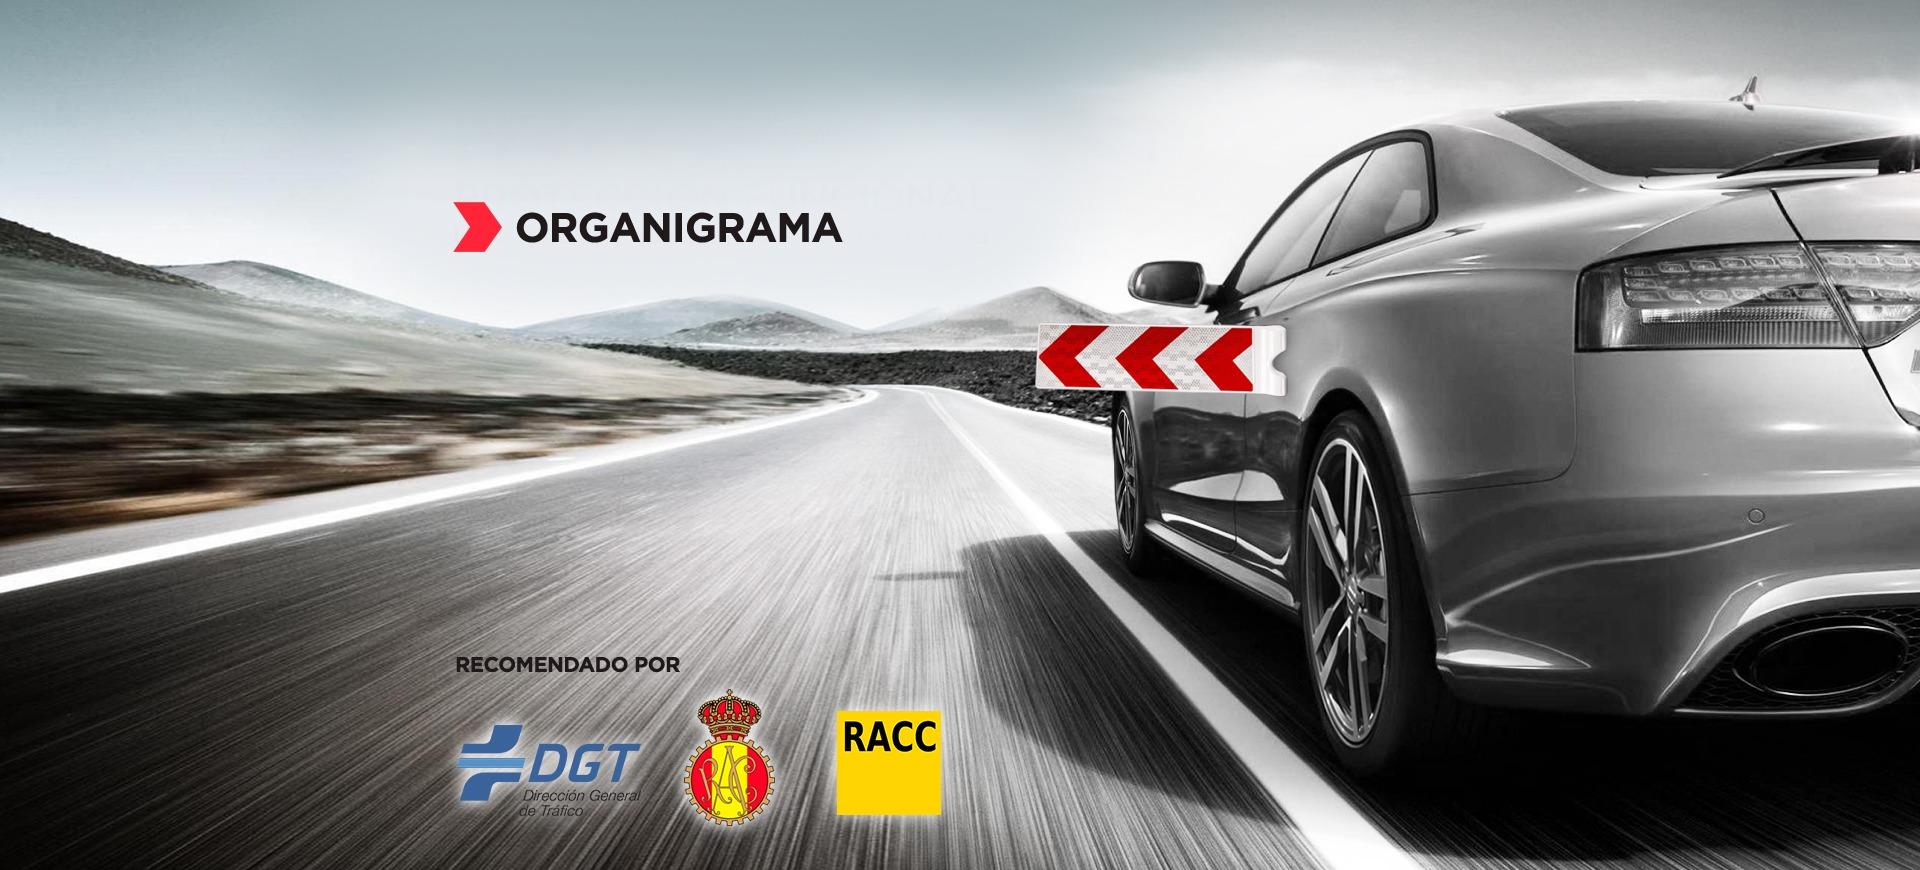 cab-organigrama